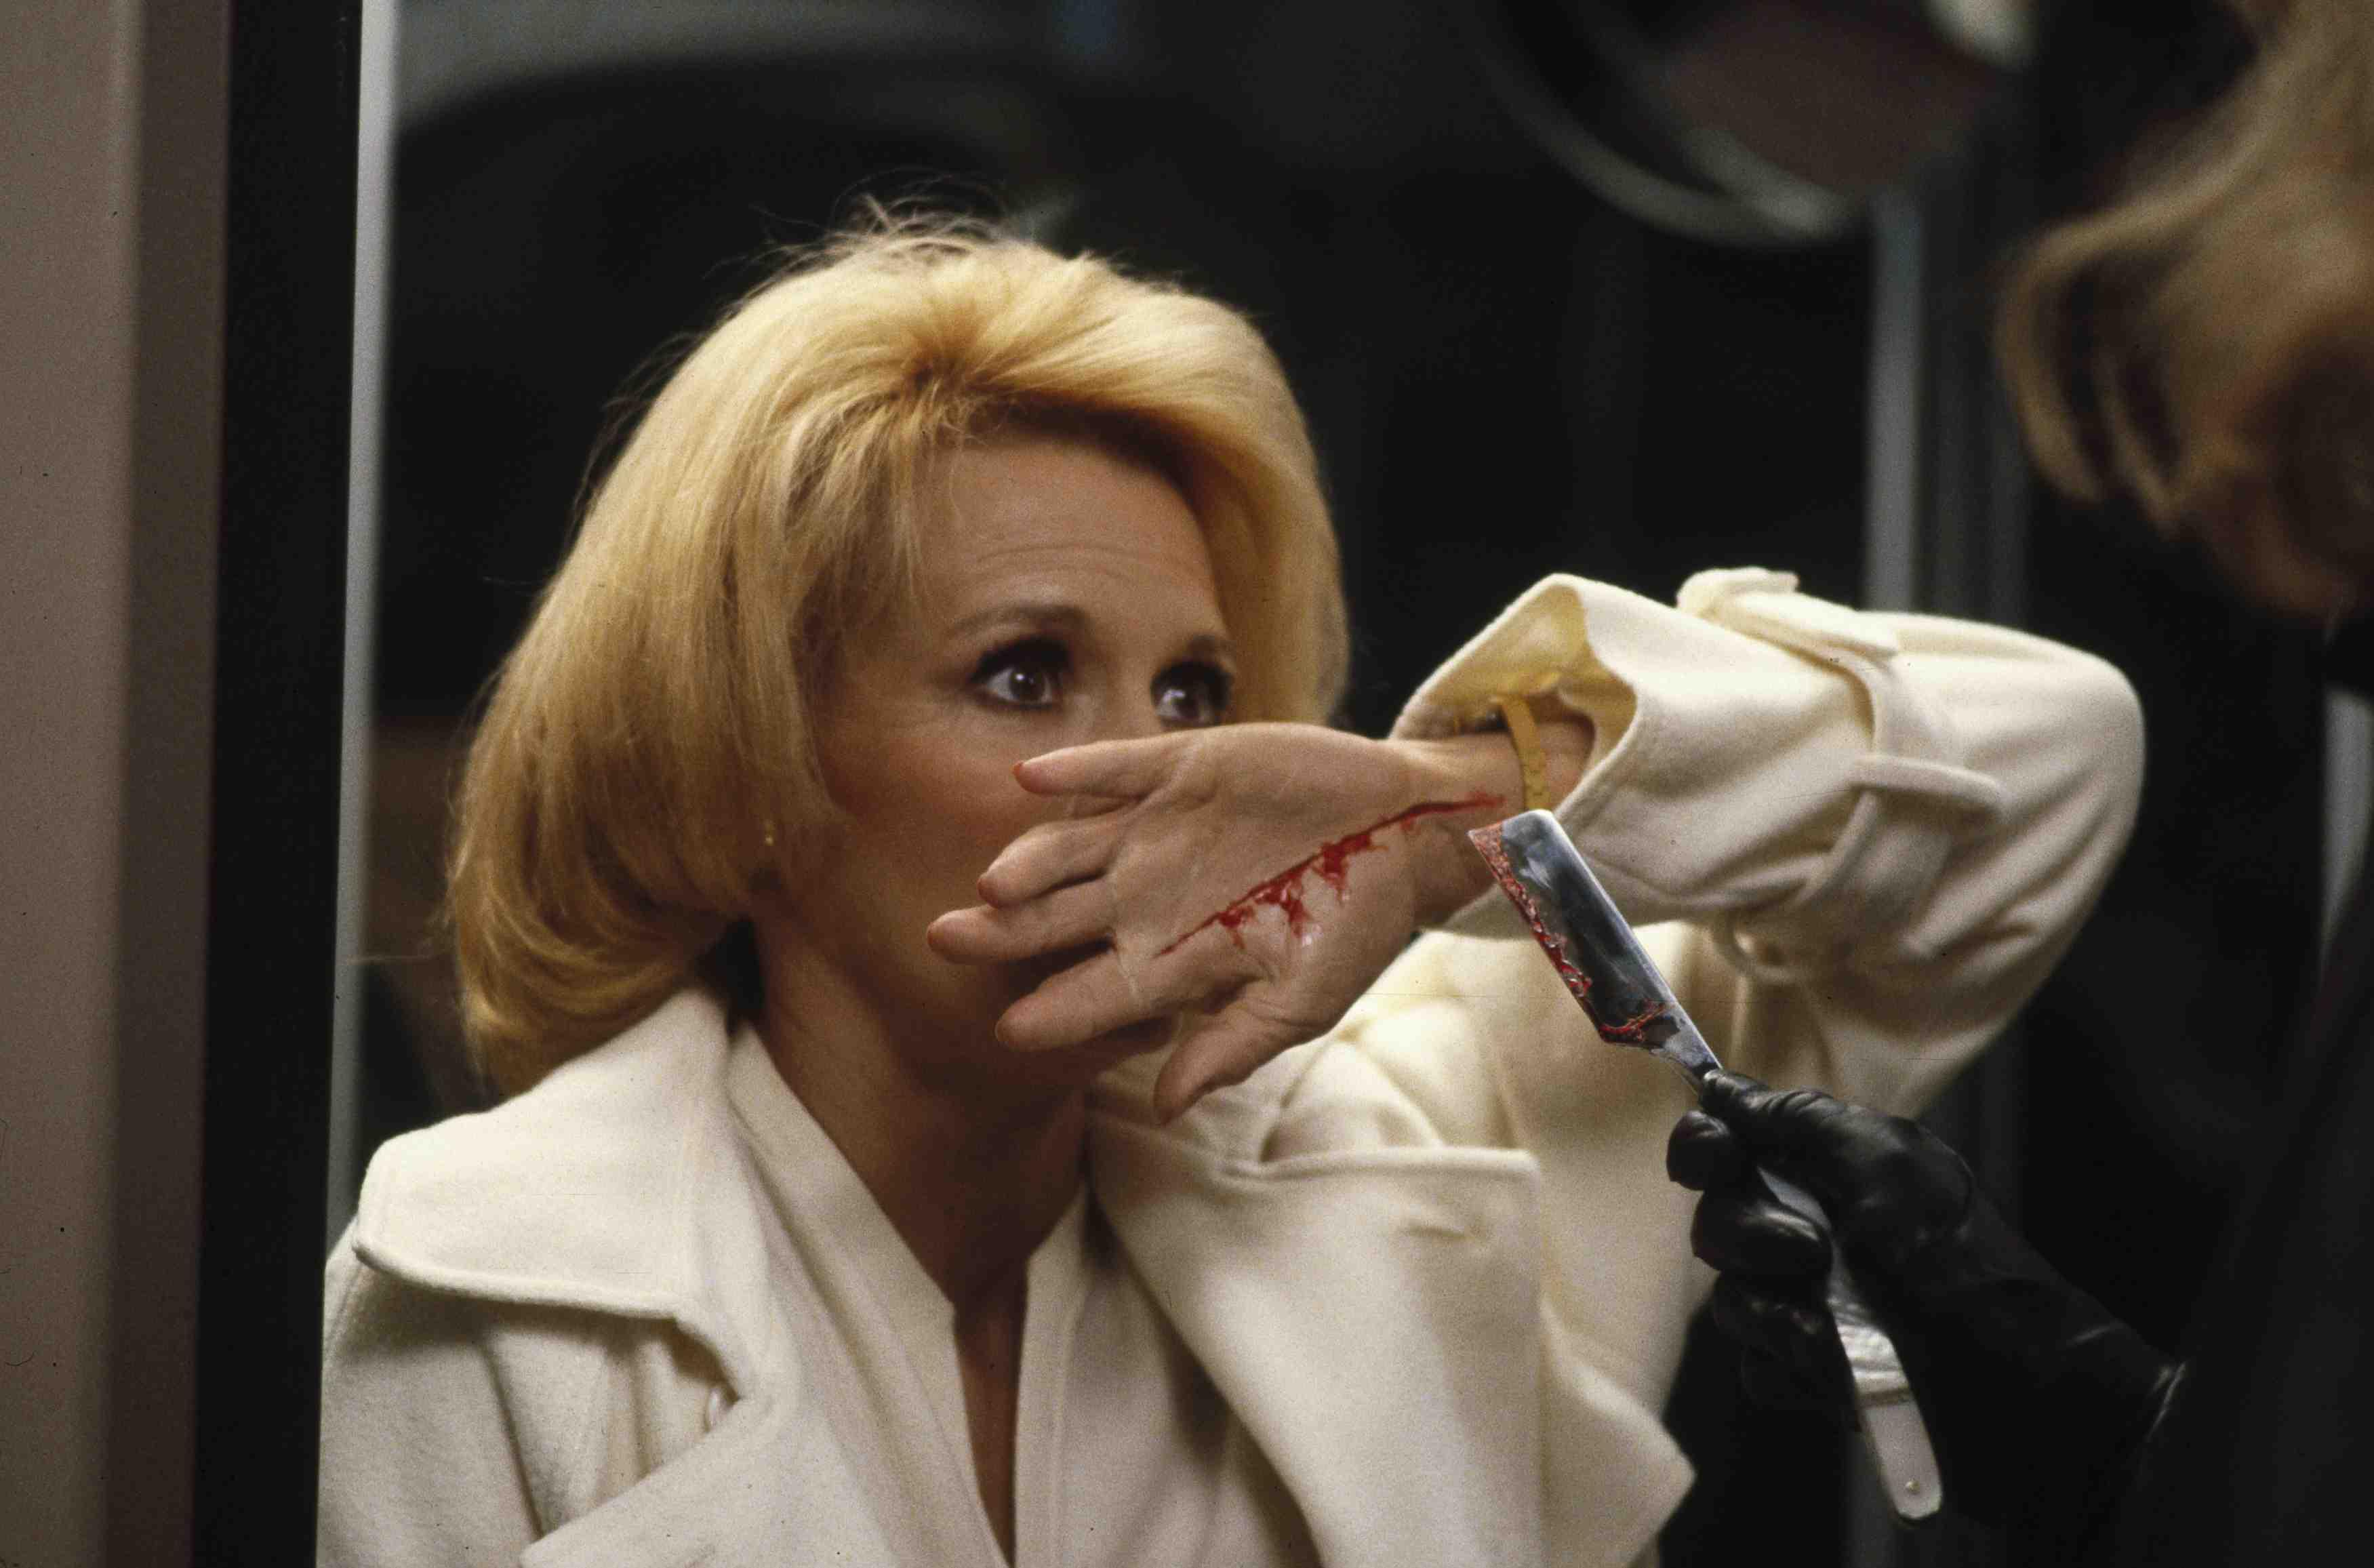 Pulsions (1980) de Brian De Palma. CRÉDITS PHOTOGRAPHIQUES © 1980 WARNICK ASSOCIATES. Tous droits réservés. © 2012 METRO-GOLDWYN-MAYER STUDIOS Inc. Tous droits réservés.